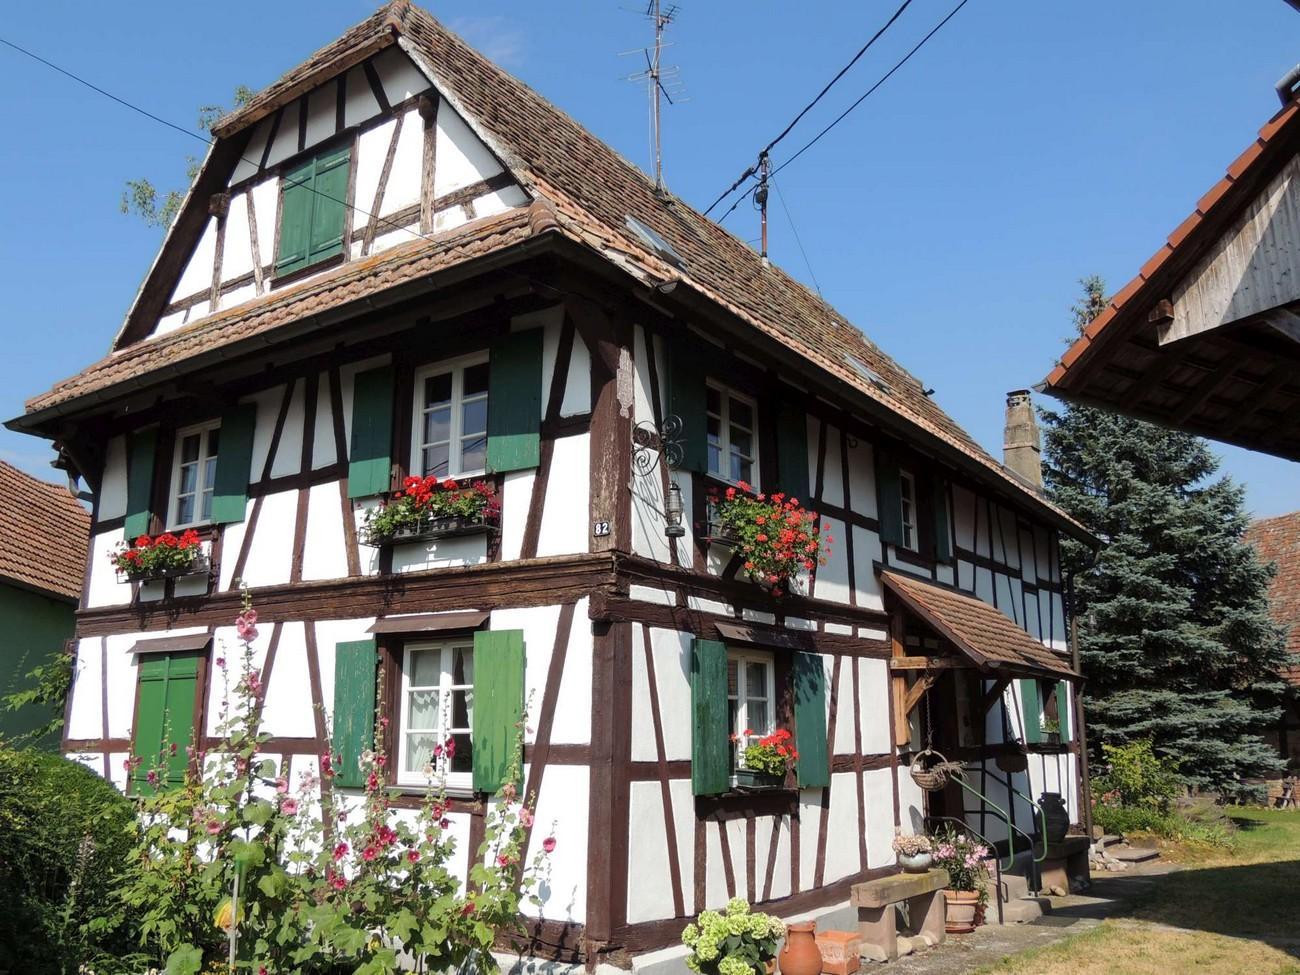 Location de vacances la maison alsacienne de laurence for Annoncesjaunes fr location maison